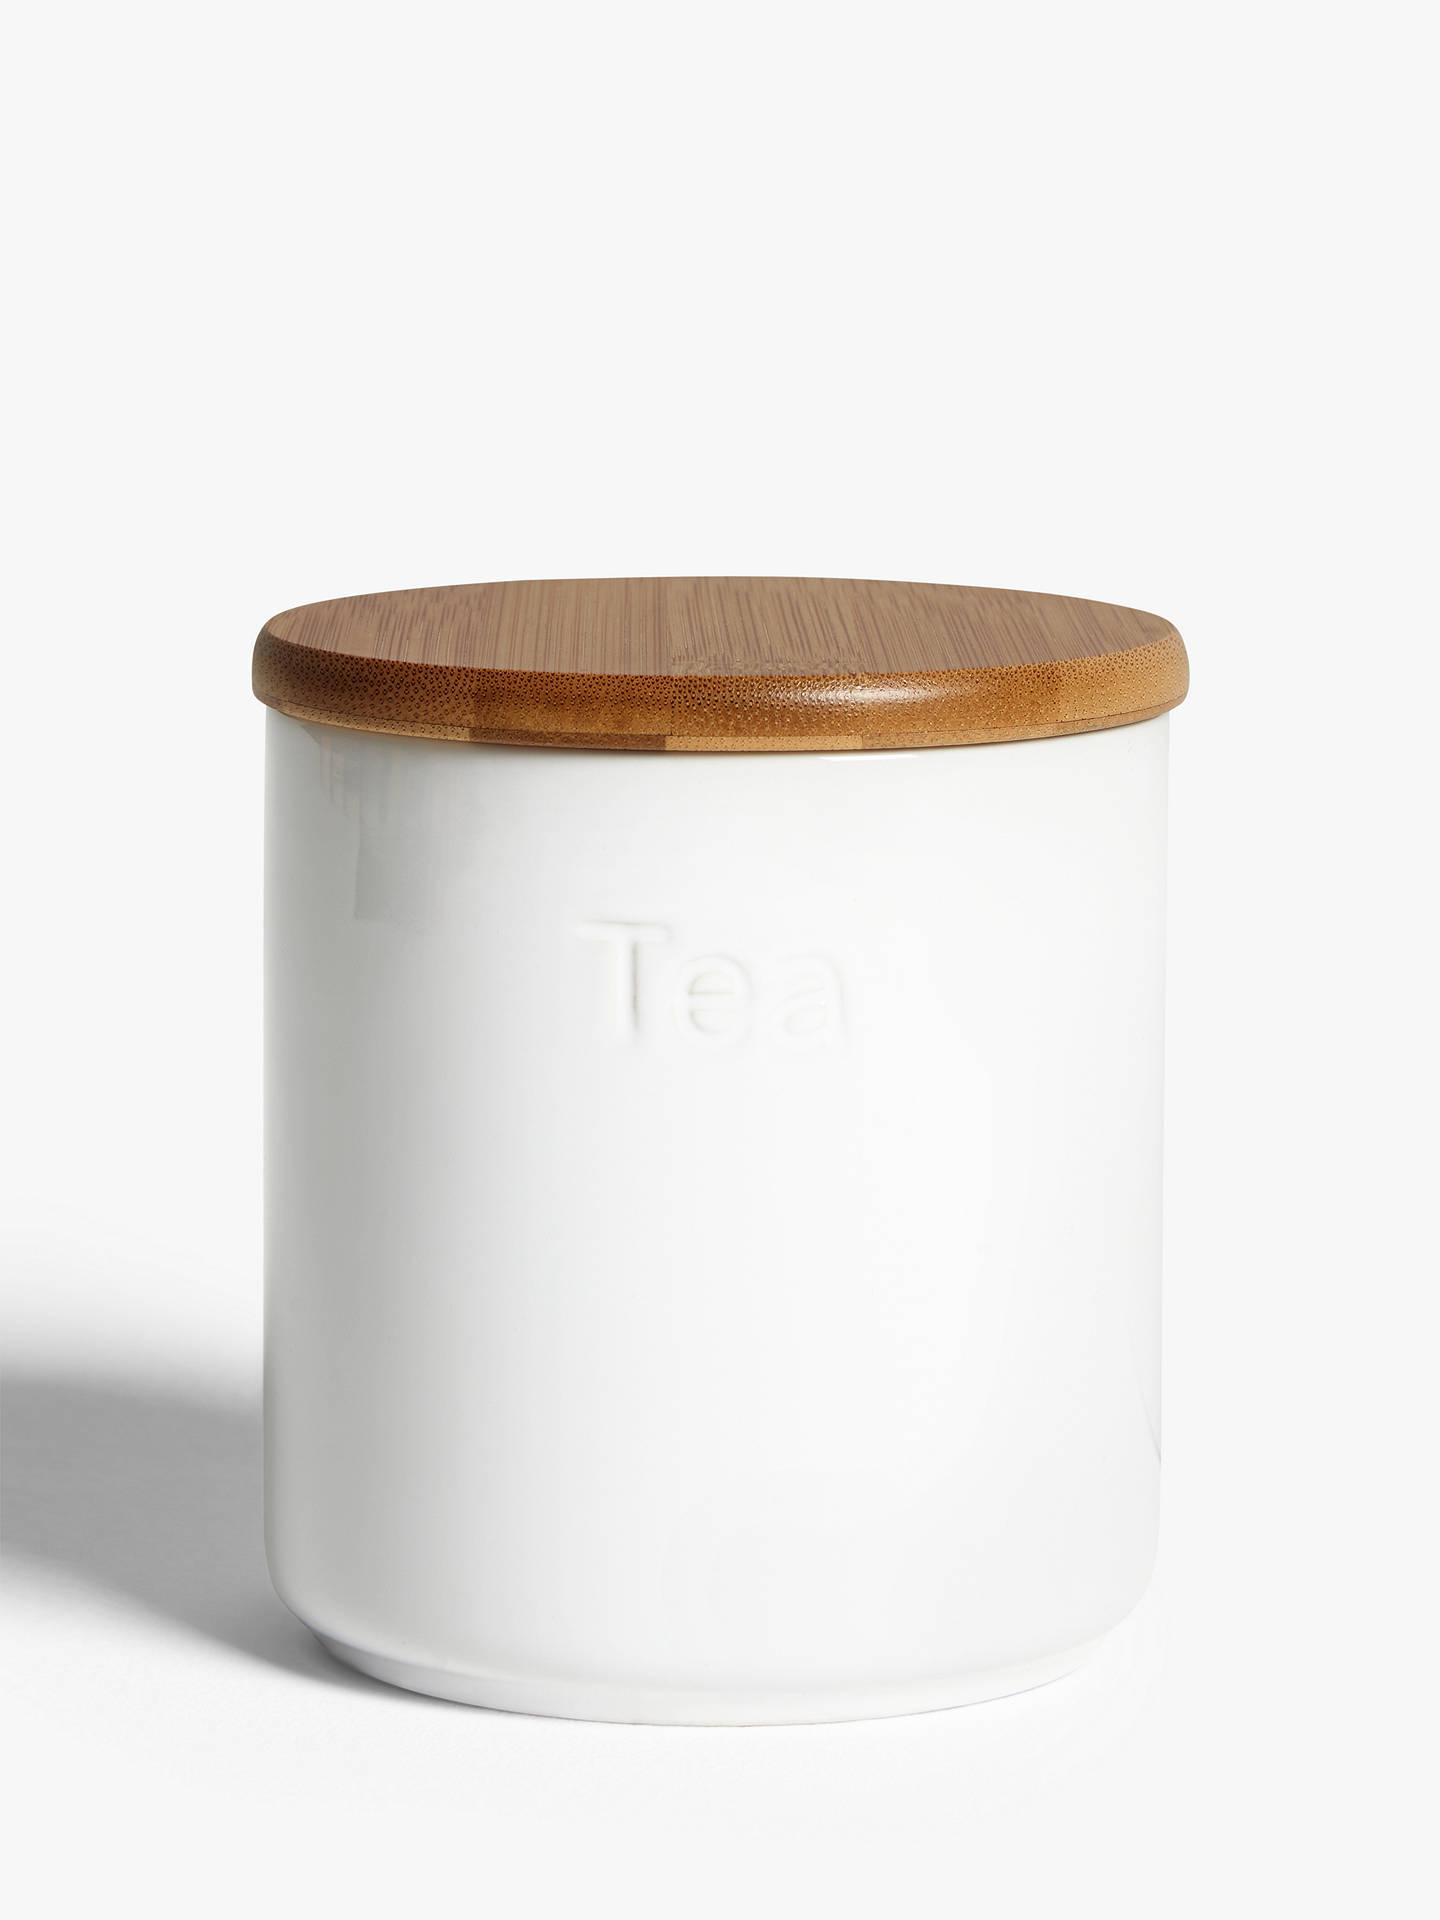 Excellent John Lewis Partners Ceramic Tea Storage Jar With Bamboo Lid White Inzonedesignstudio Interior Chair Design Inzonedesignstudiocom